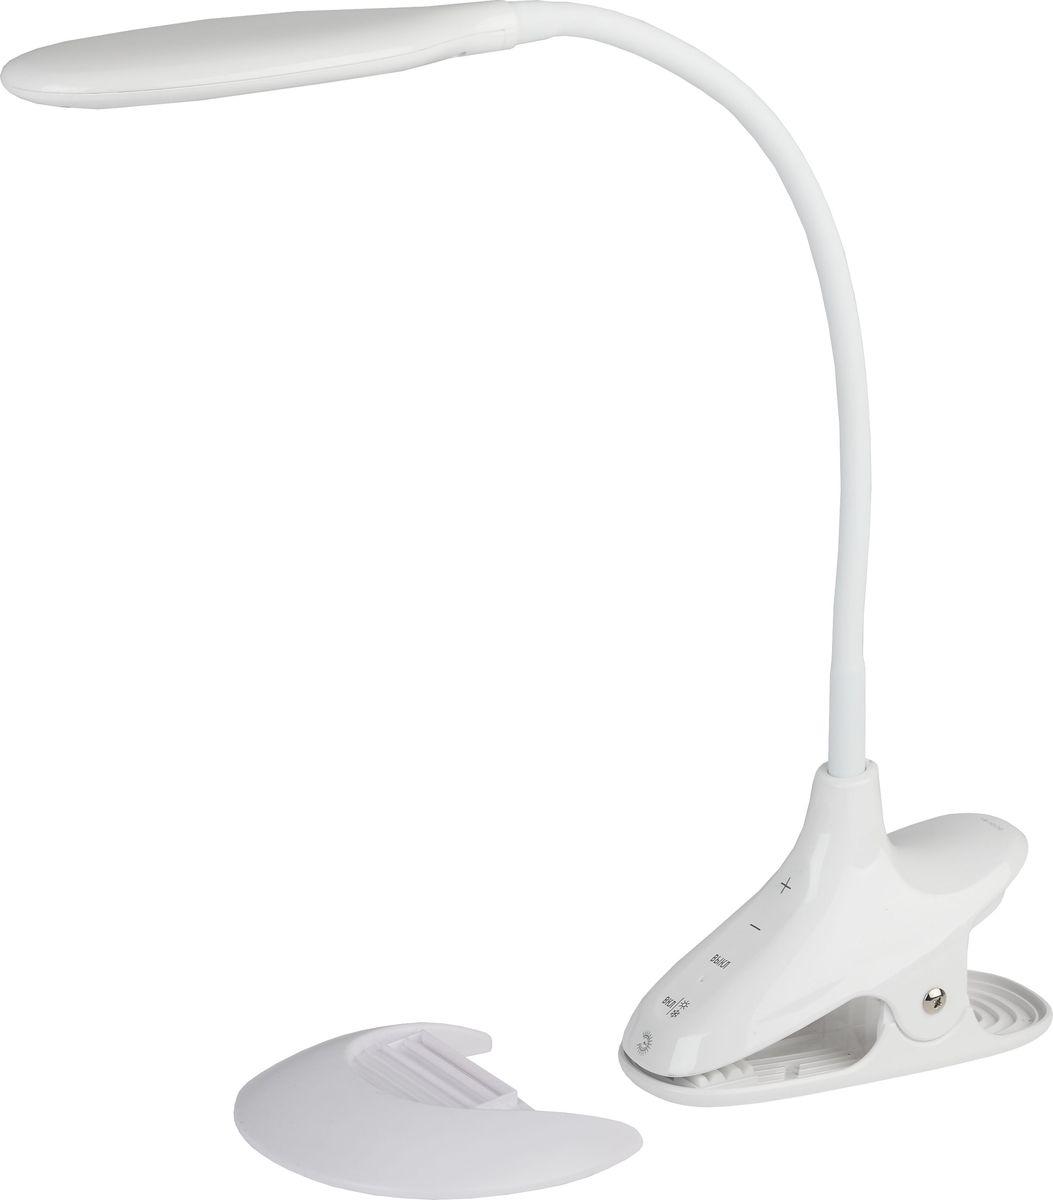 Настольный светильник ЭРА, цвет: белый. NLED-454-9W-WNLED-454-9W-WНастольный светильник ЭРА - светильник со светодиодами (LED) в качестве источников света, которые экономят до 90% электроэнергии и не требуют замены на протяжении всего срока службы светильника.Два варианта крепления: модель на прищепке со съемной вставкой-основанием. Может быть использована как светильник на основании и как прищепка.Сенсорный переключатель на основании.Выбор цветовой температуры - 3 цвета: 3000К, 4500К, 6000К.Пятиступенчатый диммер для регулировки яркости.Гибкая стойка.